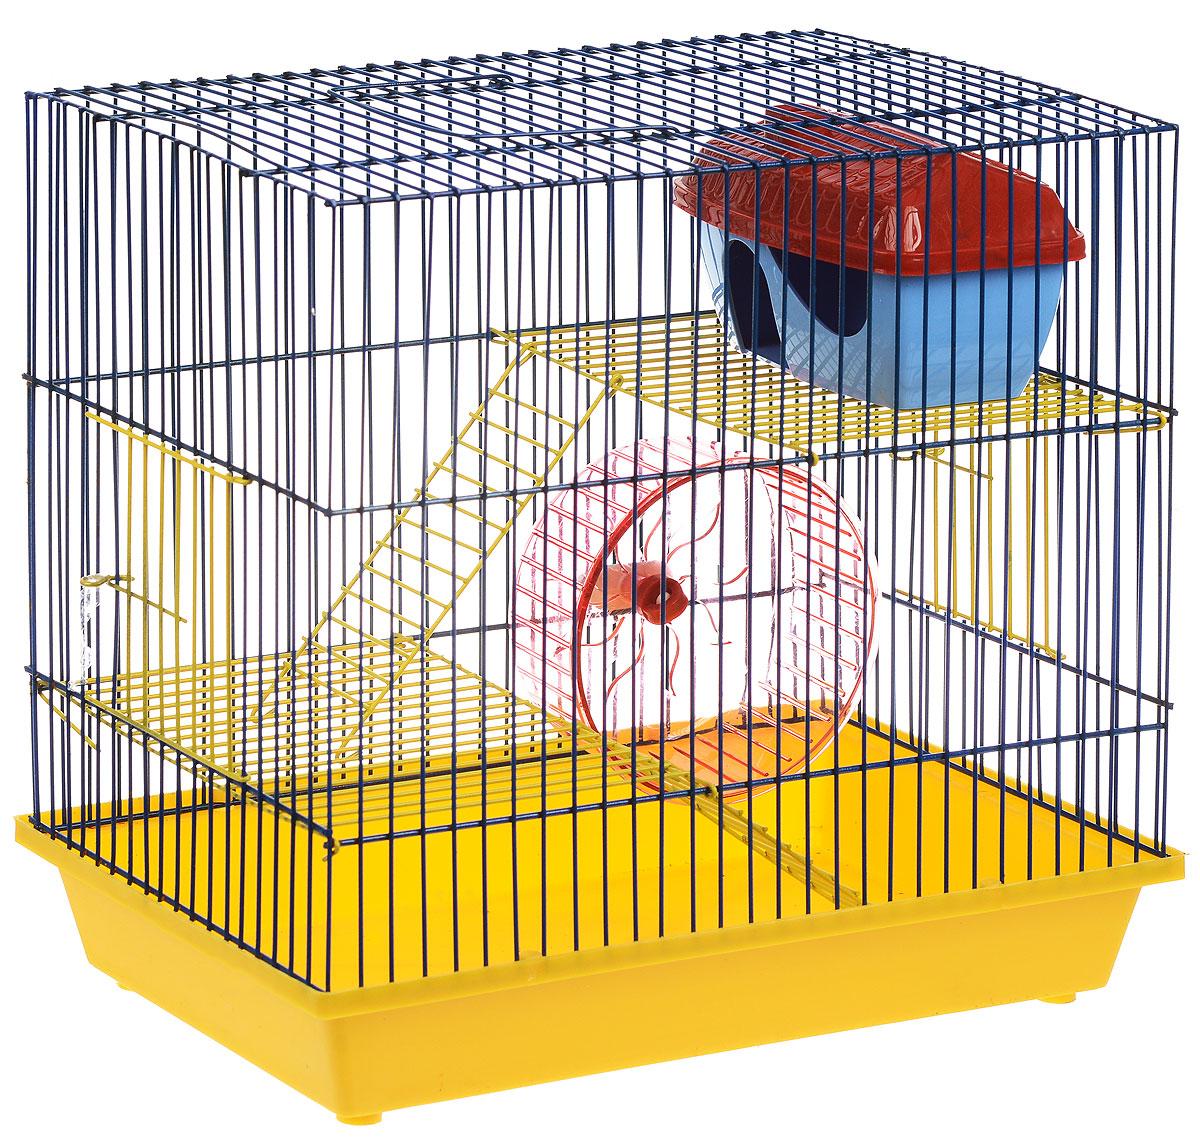 Клетка для грызунов ЗооМарк, 3-этажная, цвет: желтый поддон, синяя решетка, желтые этажи, 36 х 23 х 34,5 см. 135ж клетка для грызунов зоомарк гризли 4 этажная цвет красный поддон синяя решетка красные этажи 41 х 30 х 50 см